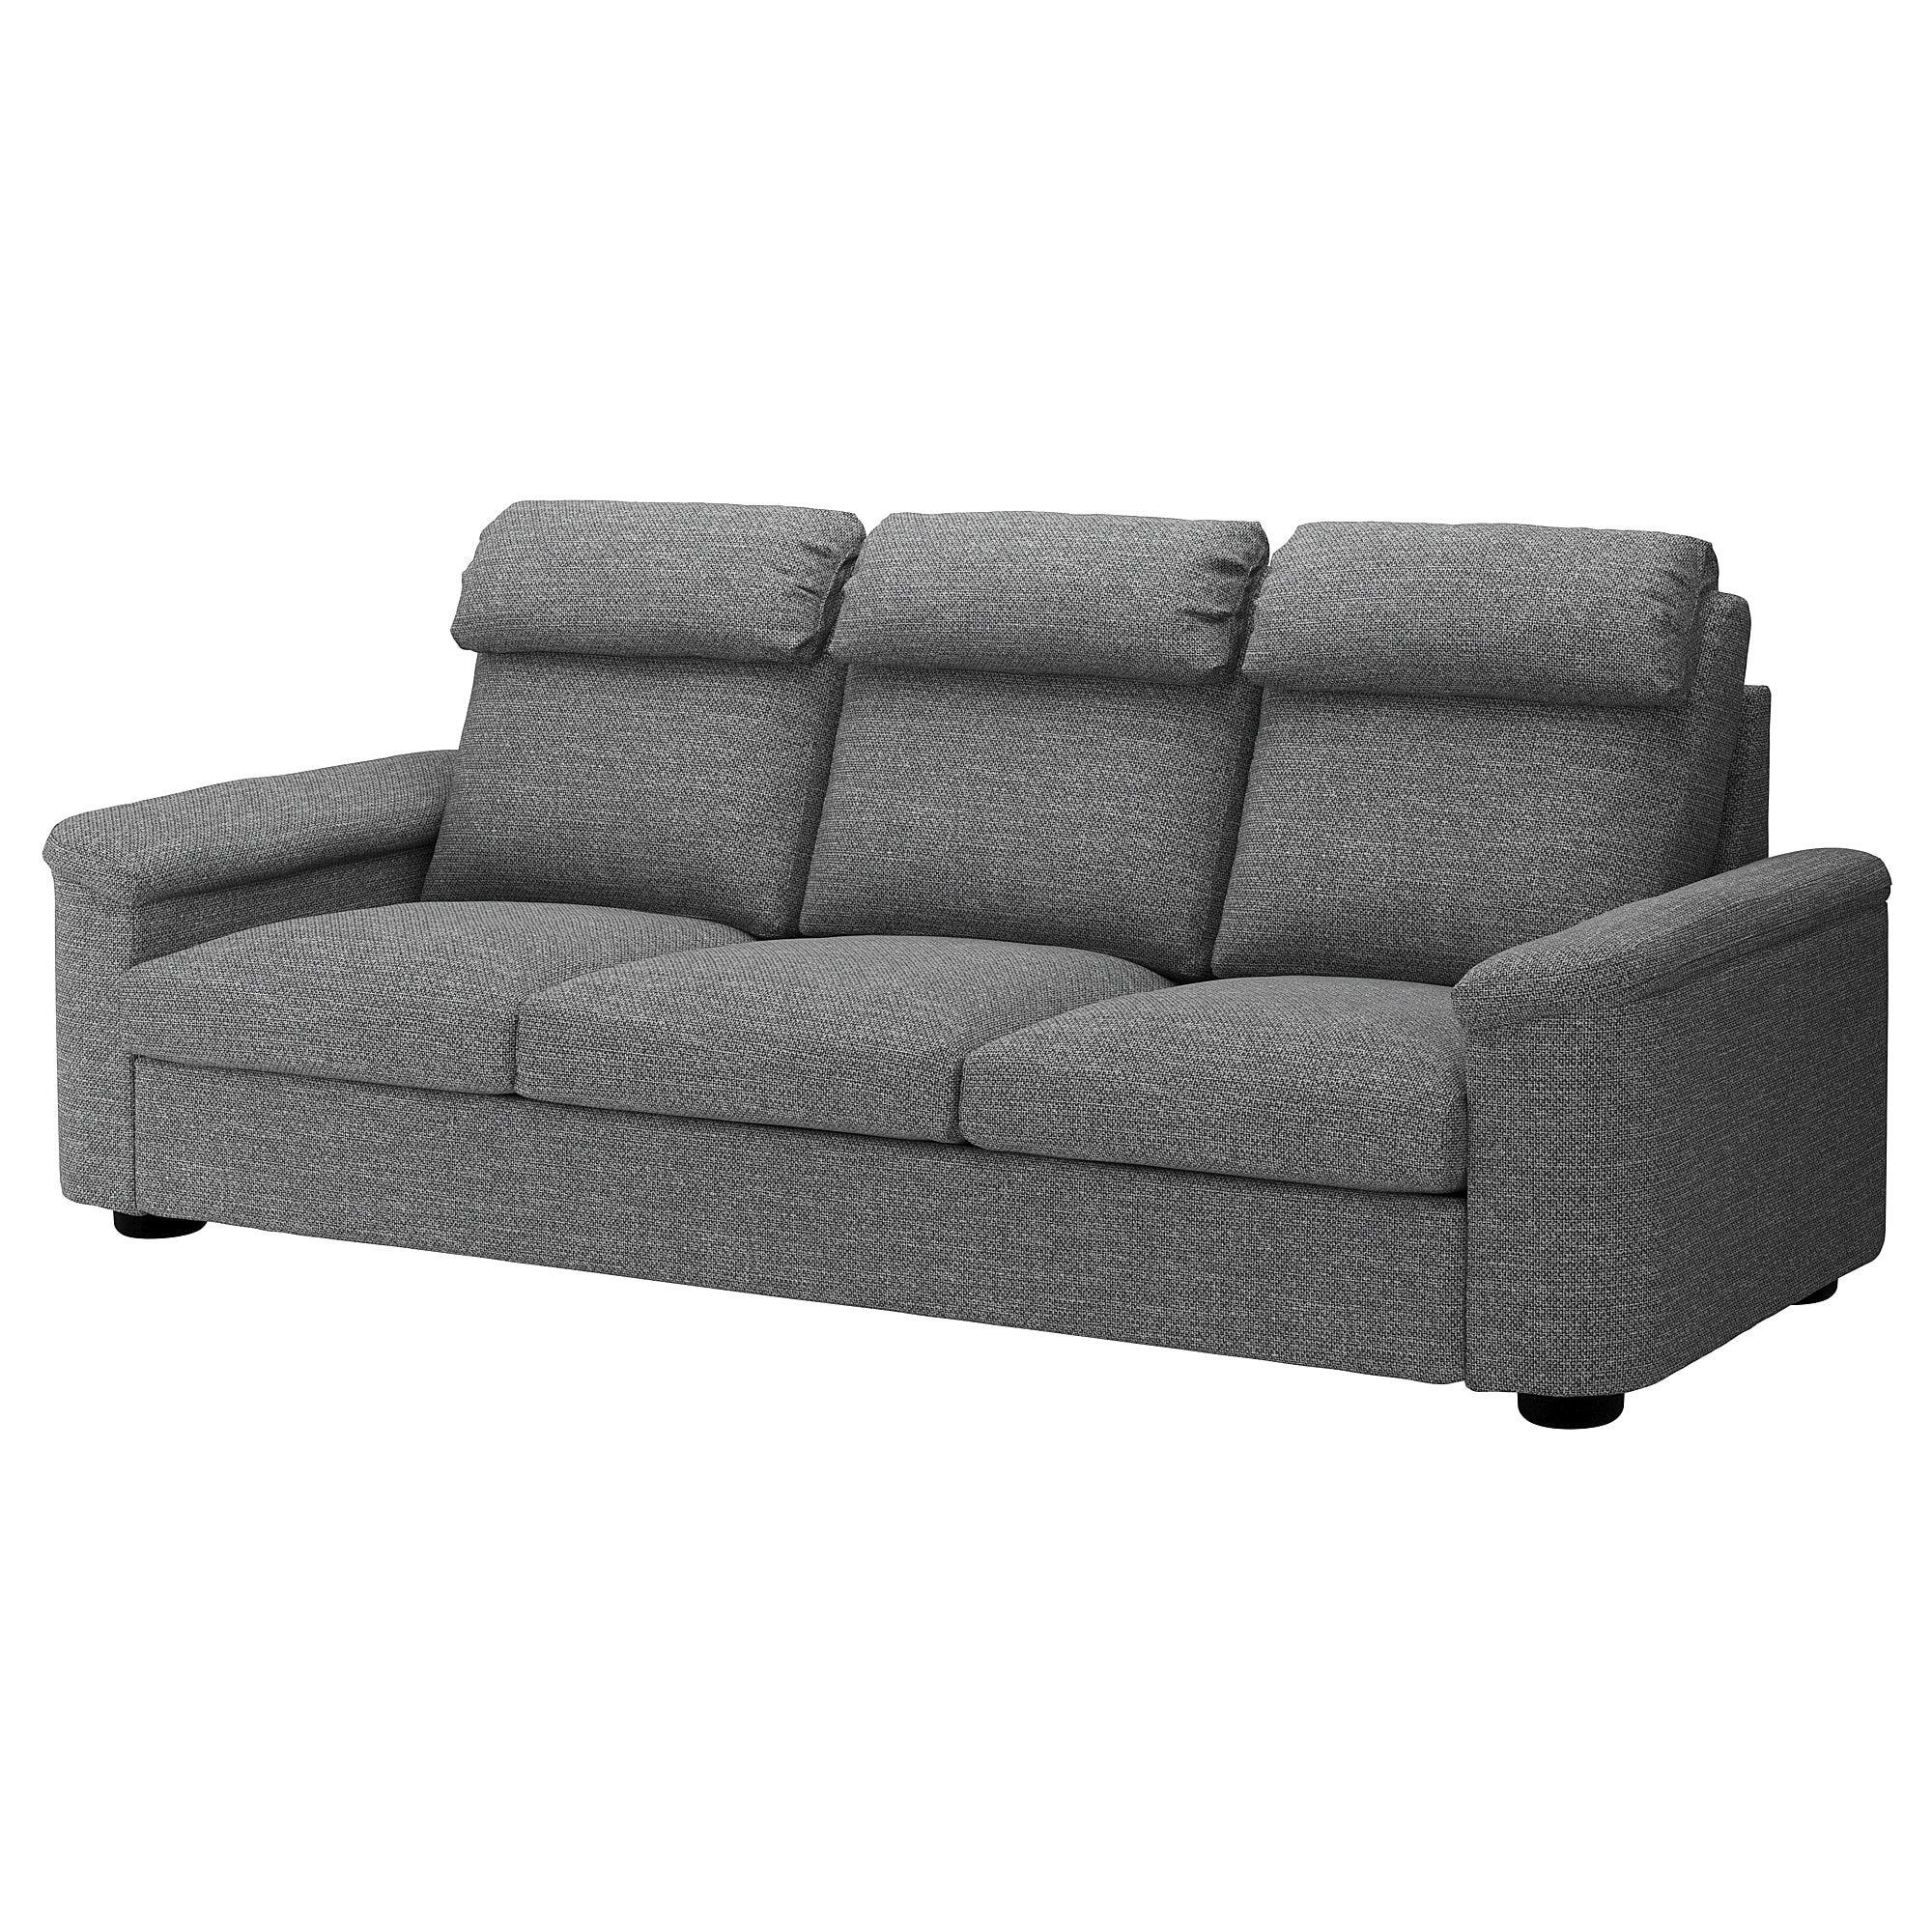 Lidhult Sofa Lejde Gray Black Ikea Sofa Ikea Ikea Sofa